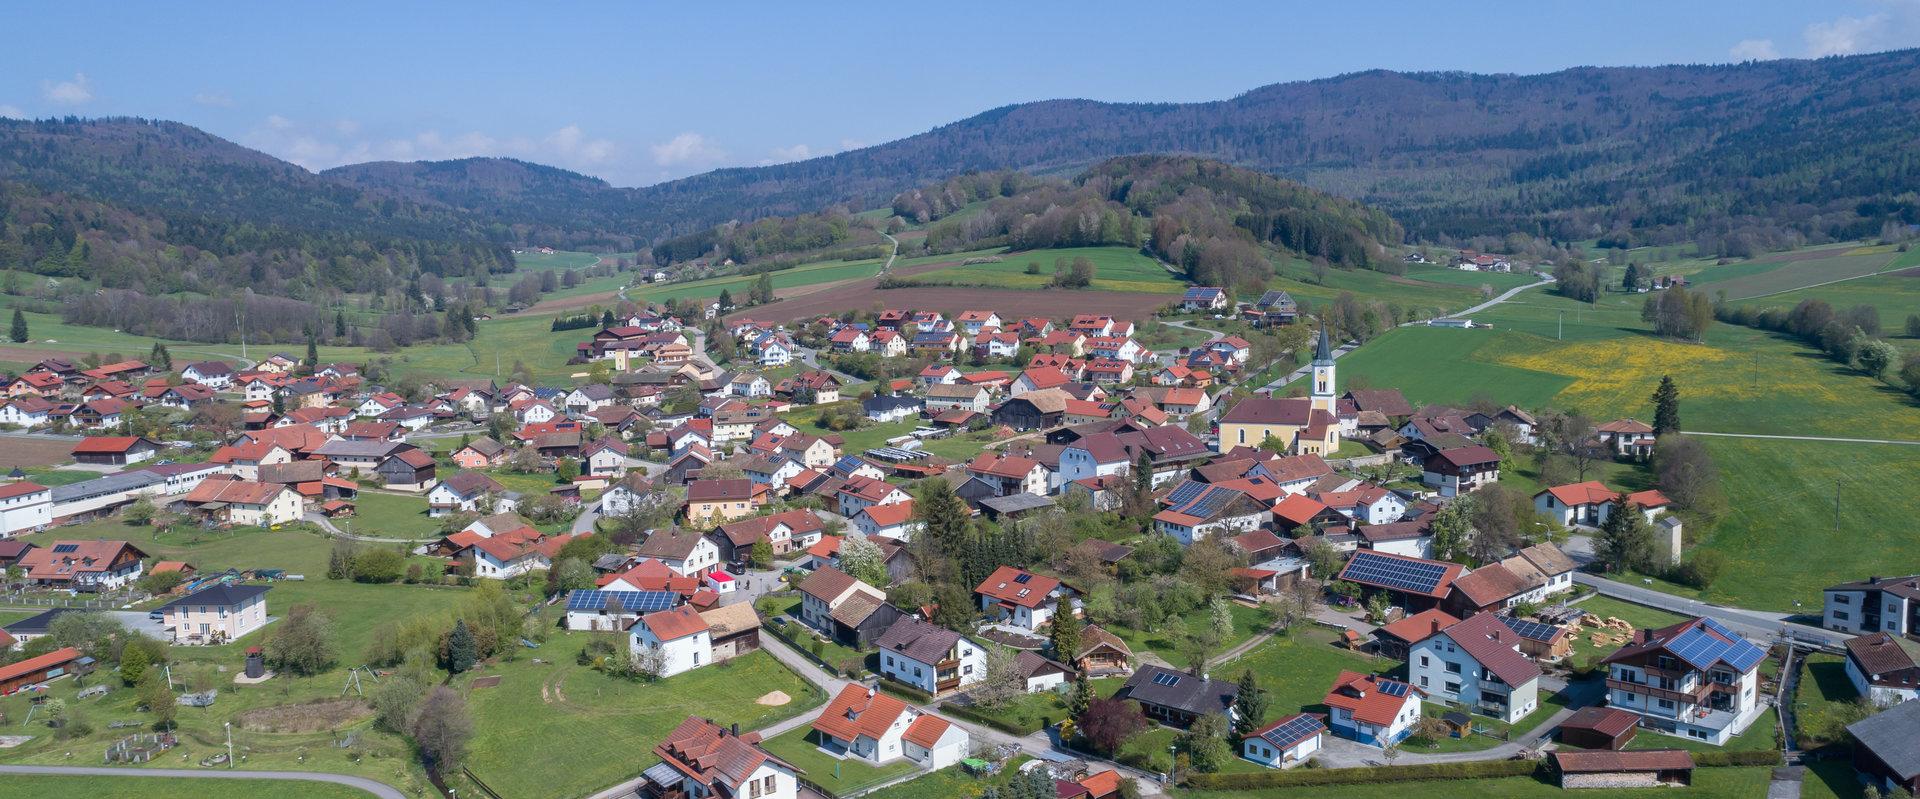 Gleissenberg Bayerischen Wald